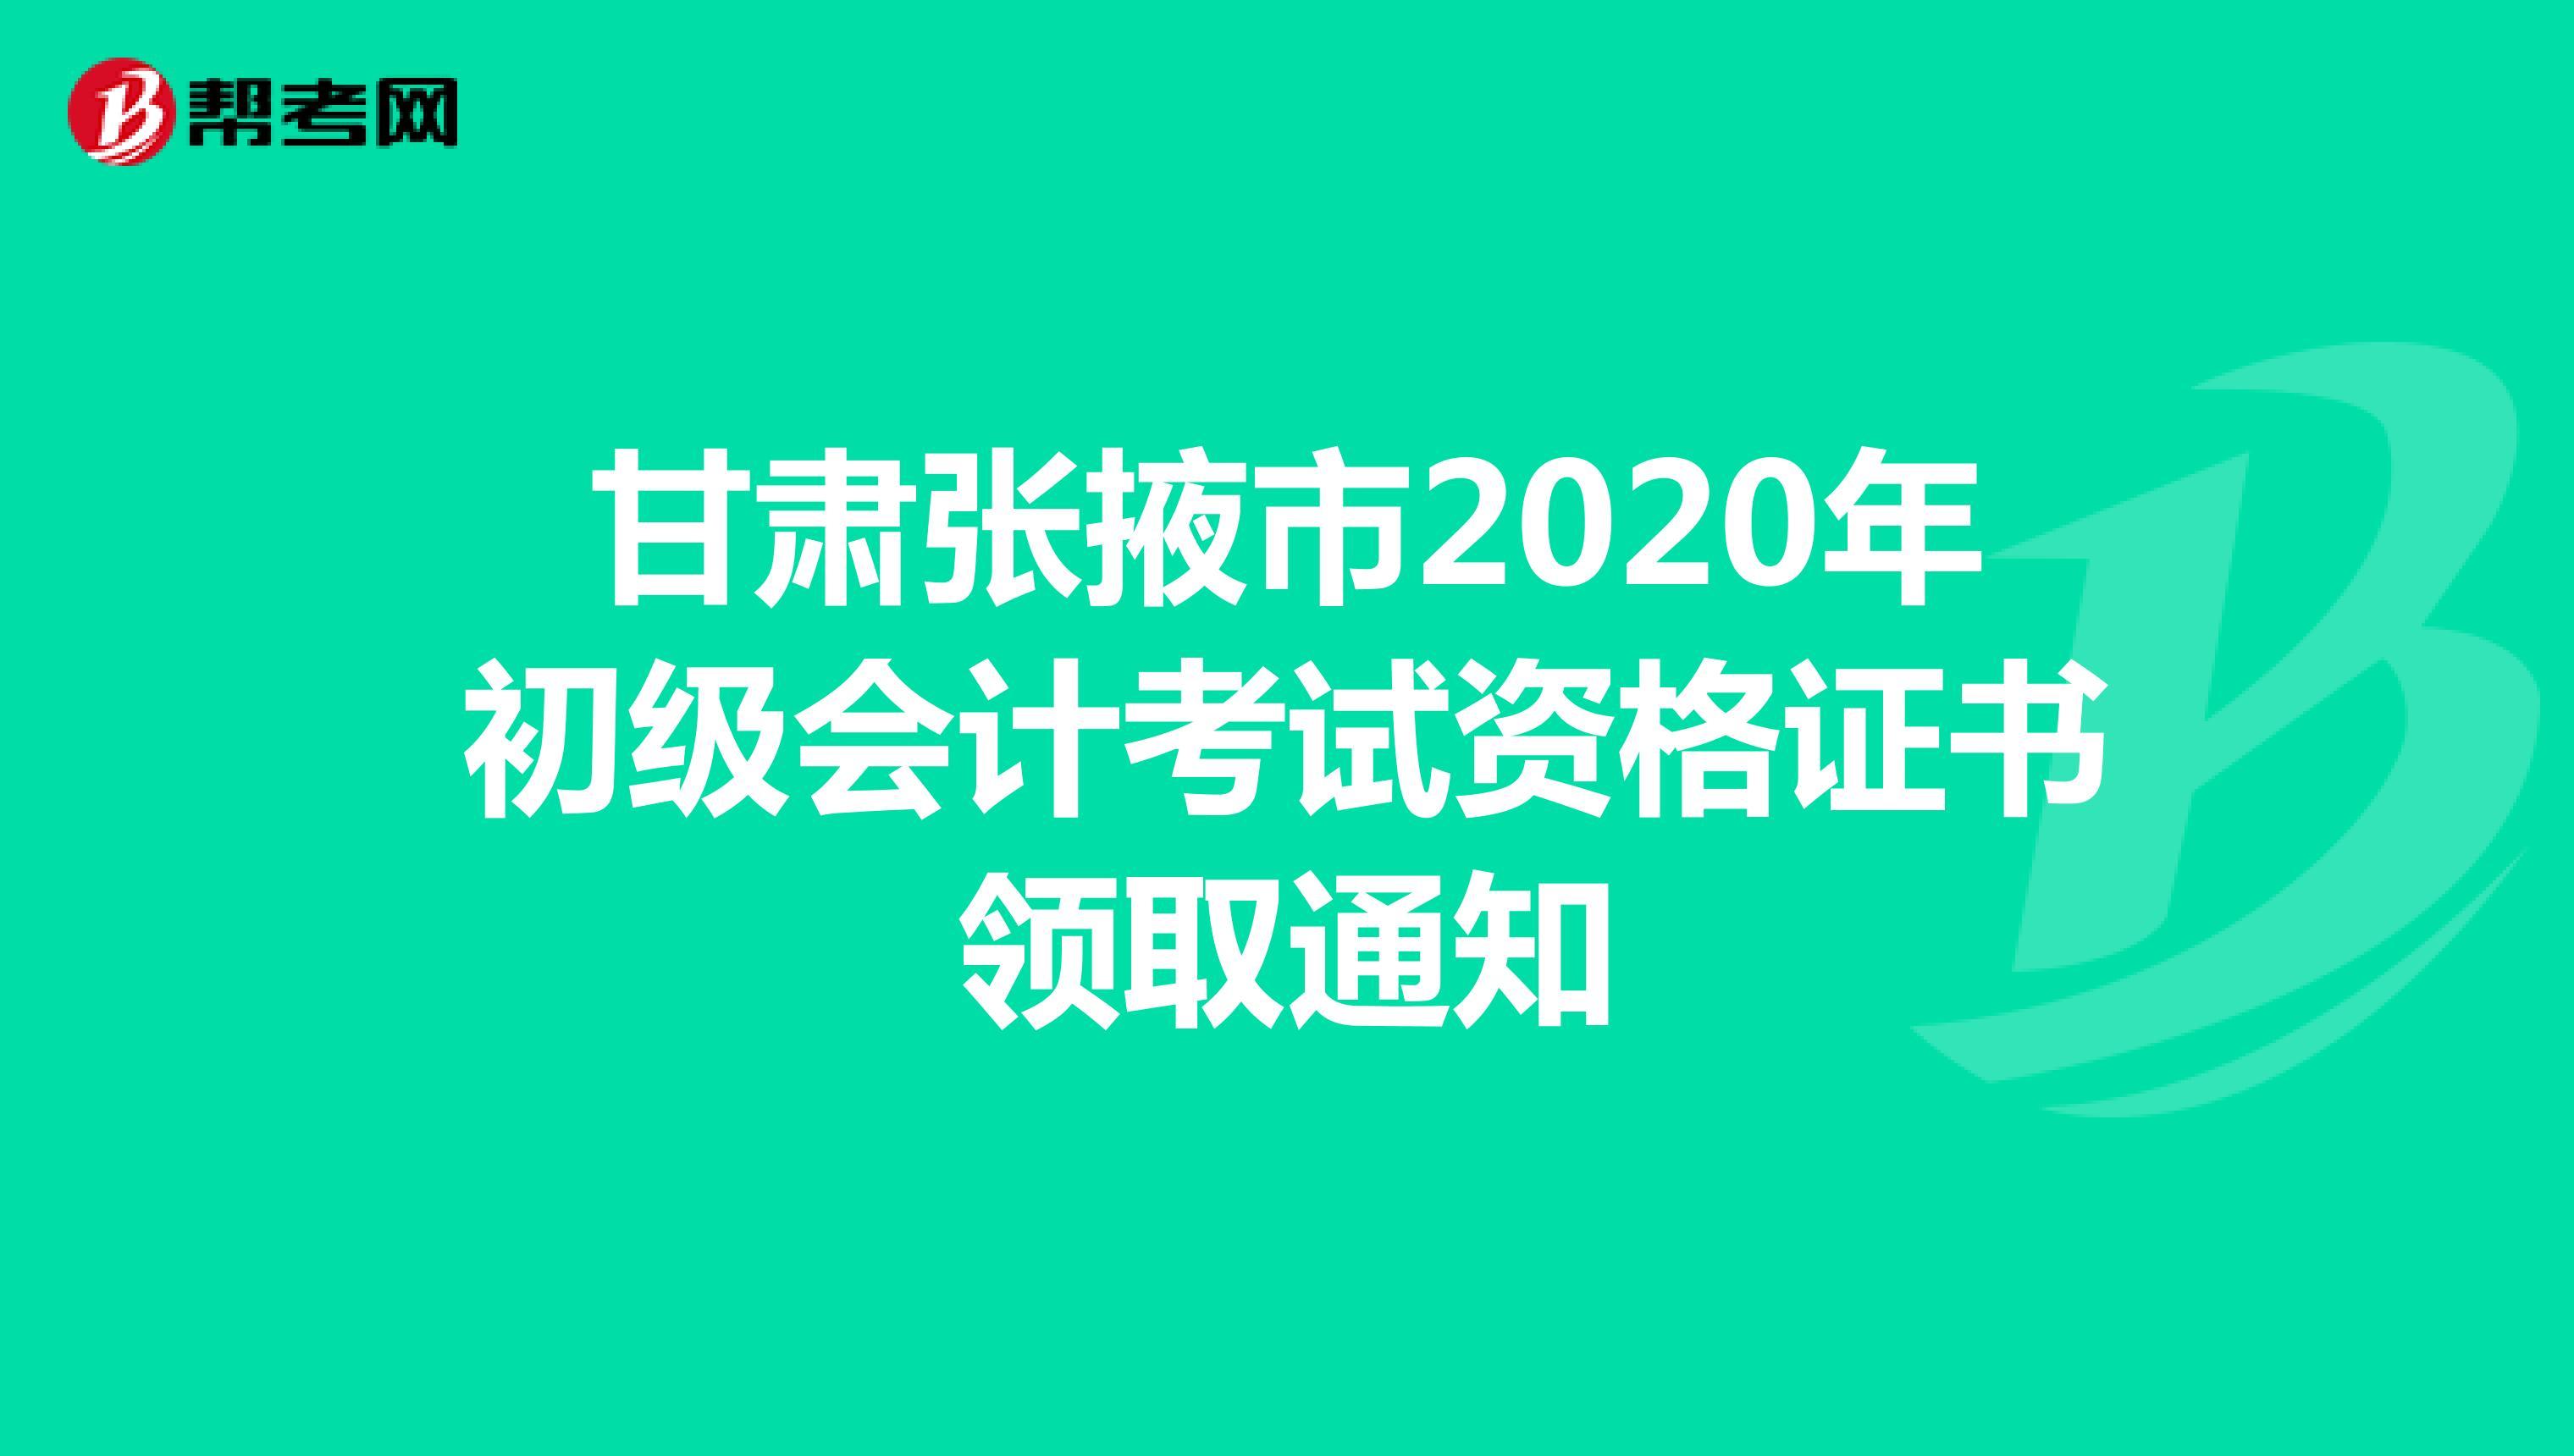 甘肃张掖市2020年初级会计考试资格证书领取通知